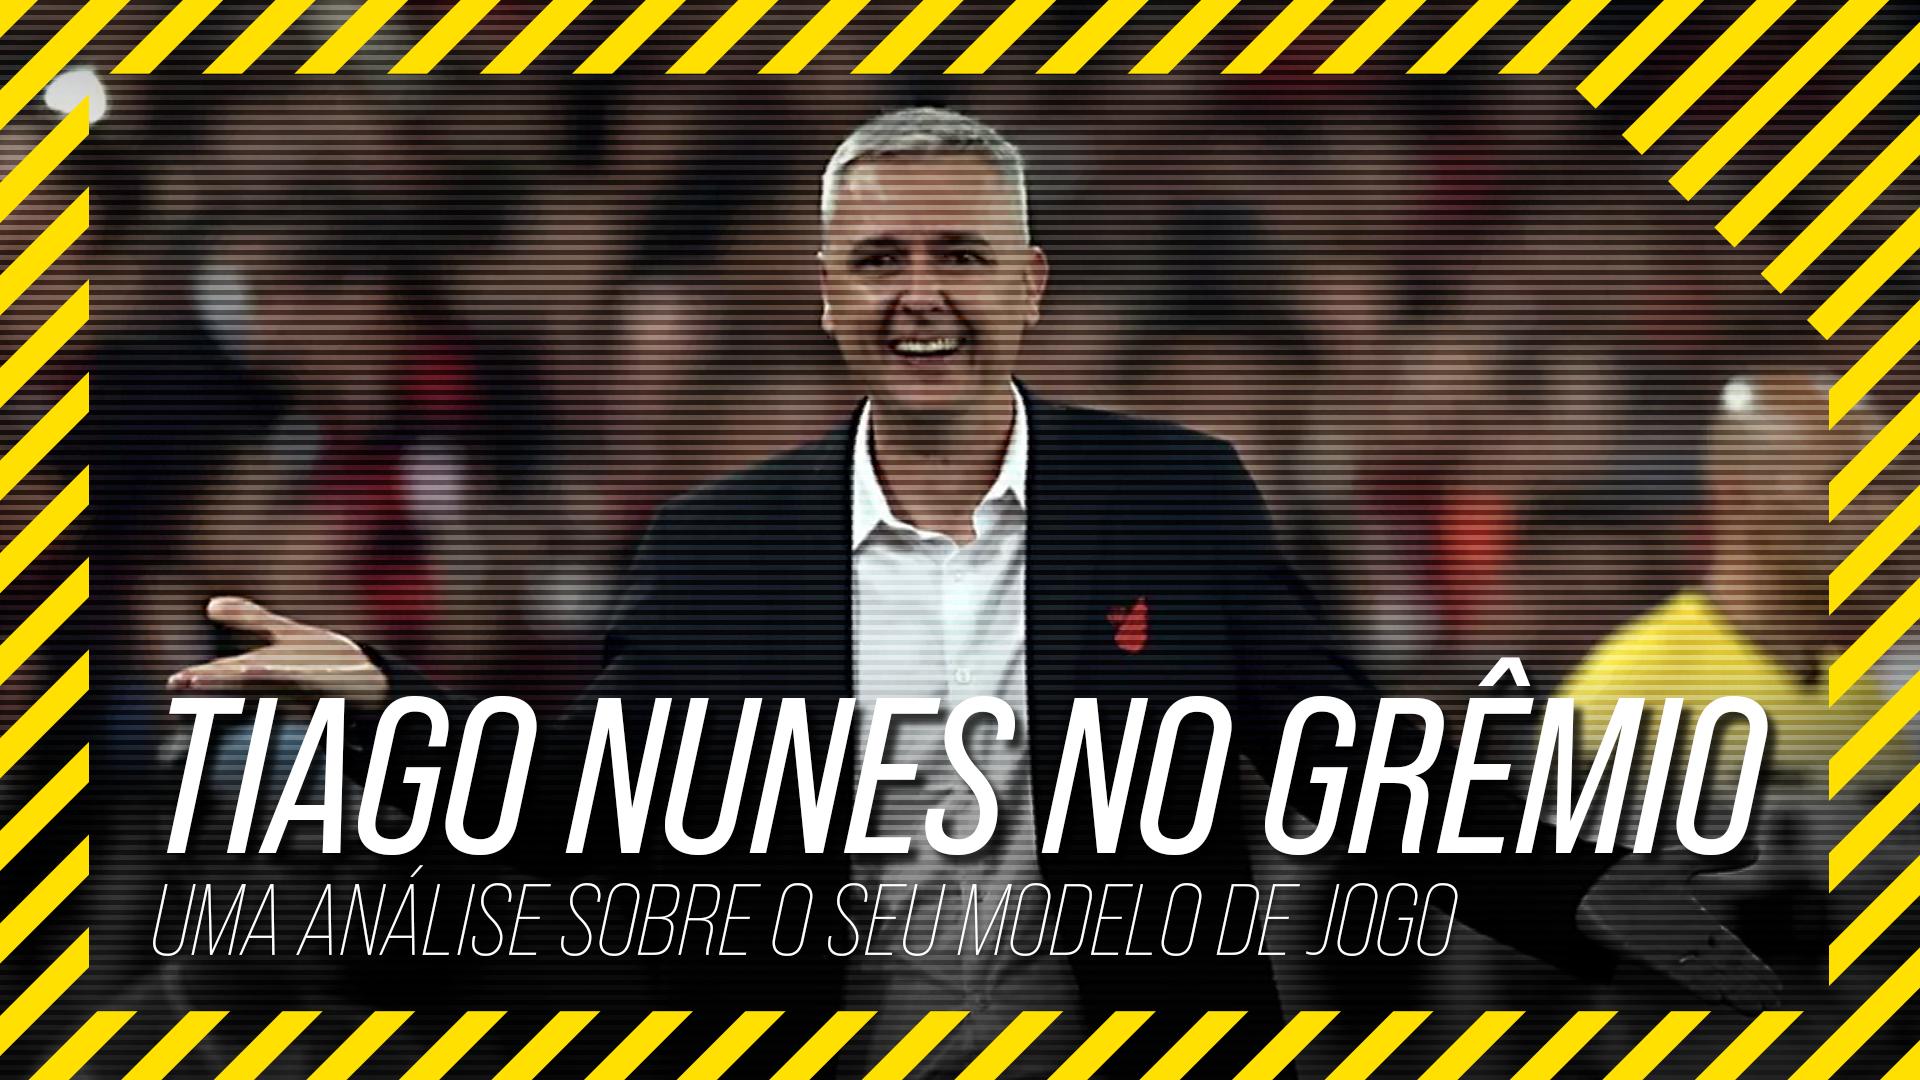 Conheça o modelo de jogo do Tiago Nunes, o novo treinador do Grêmio